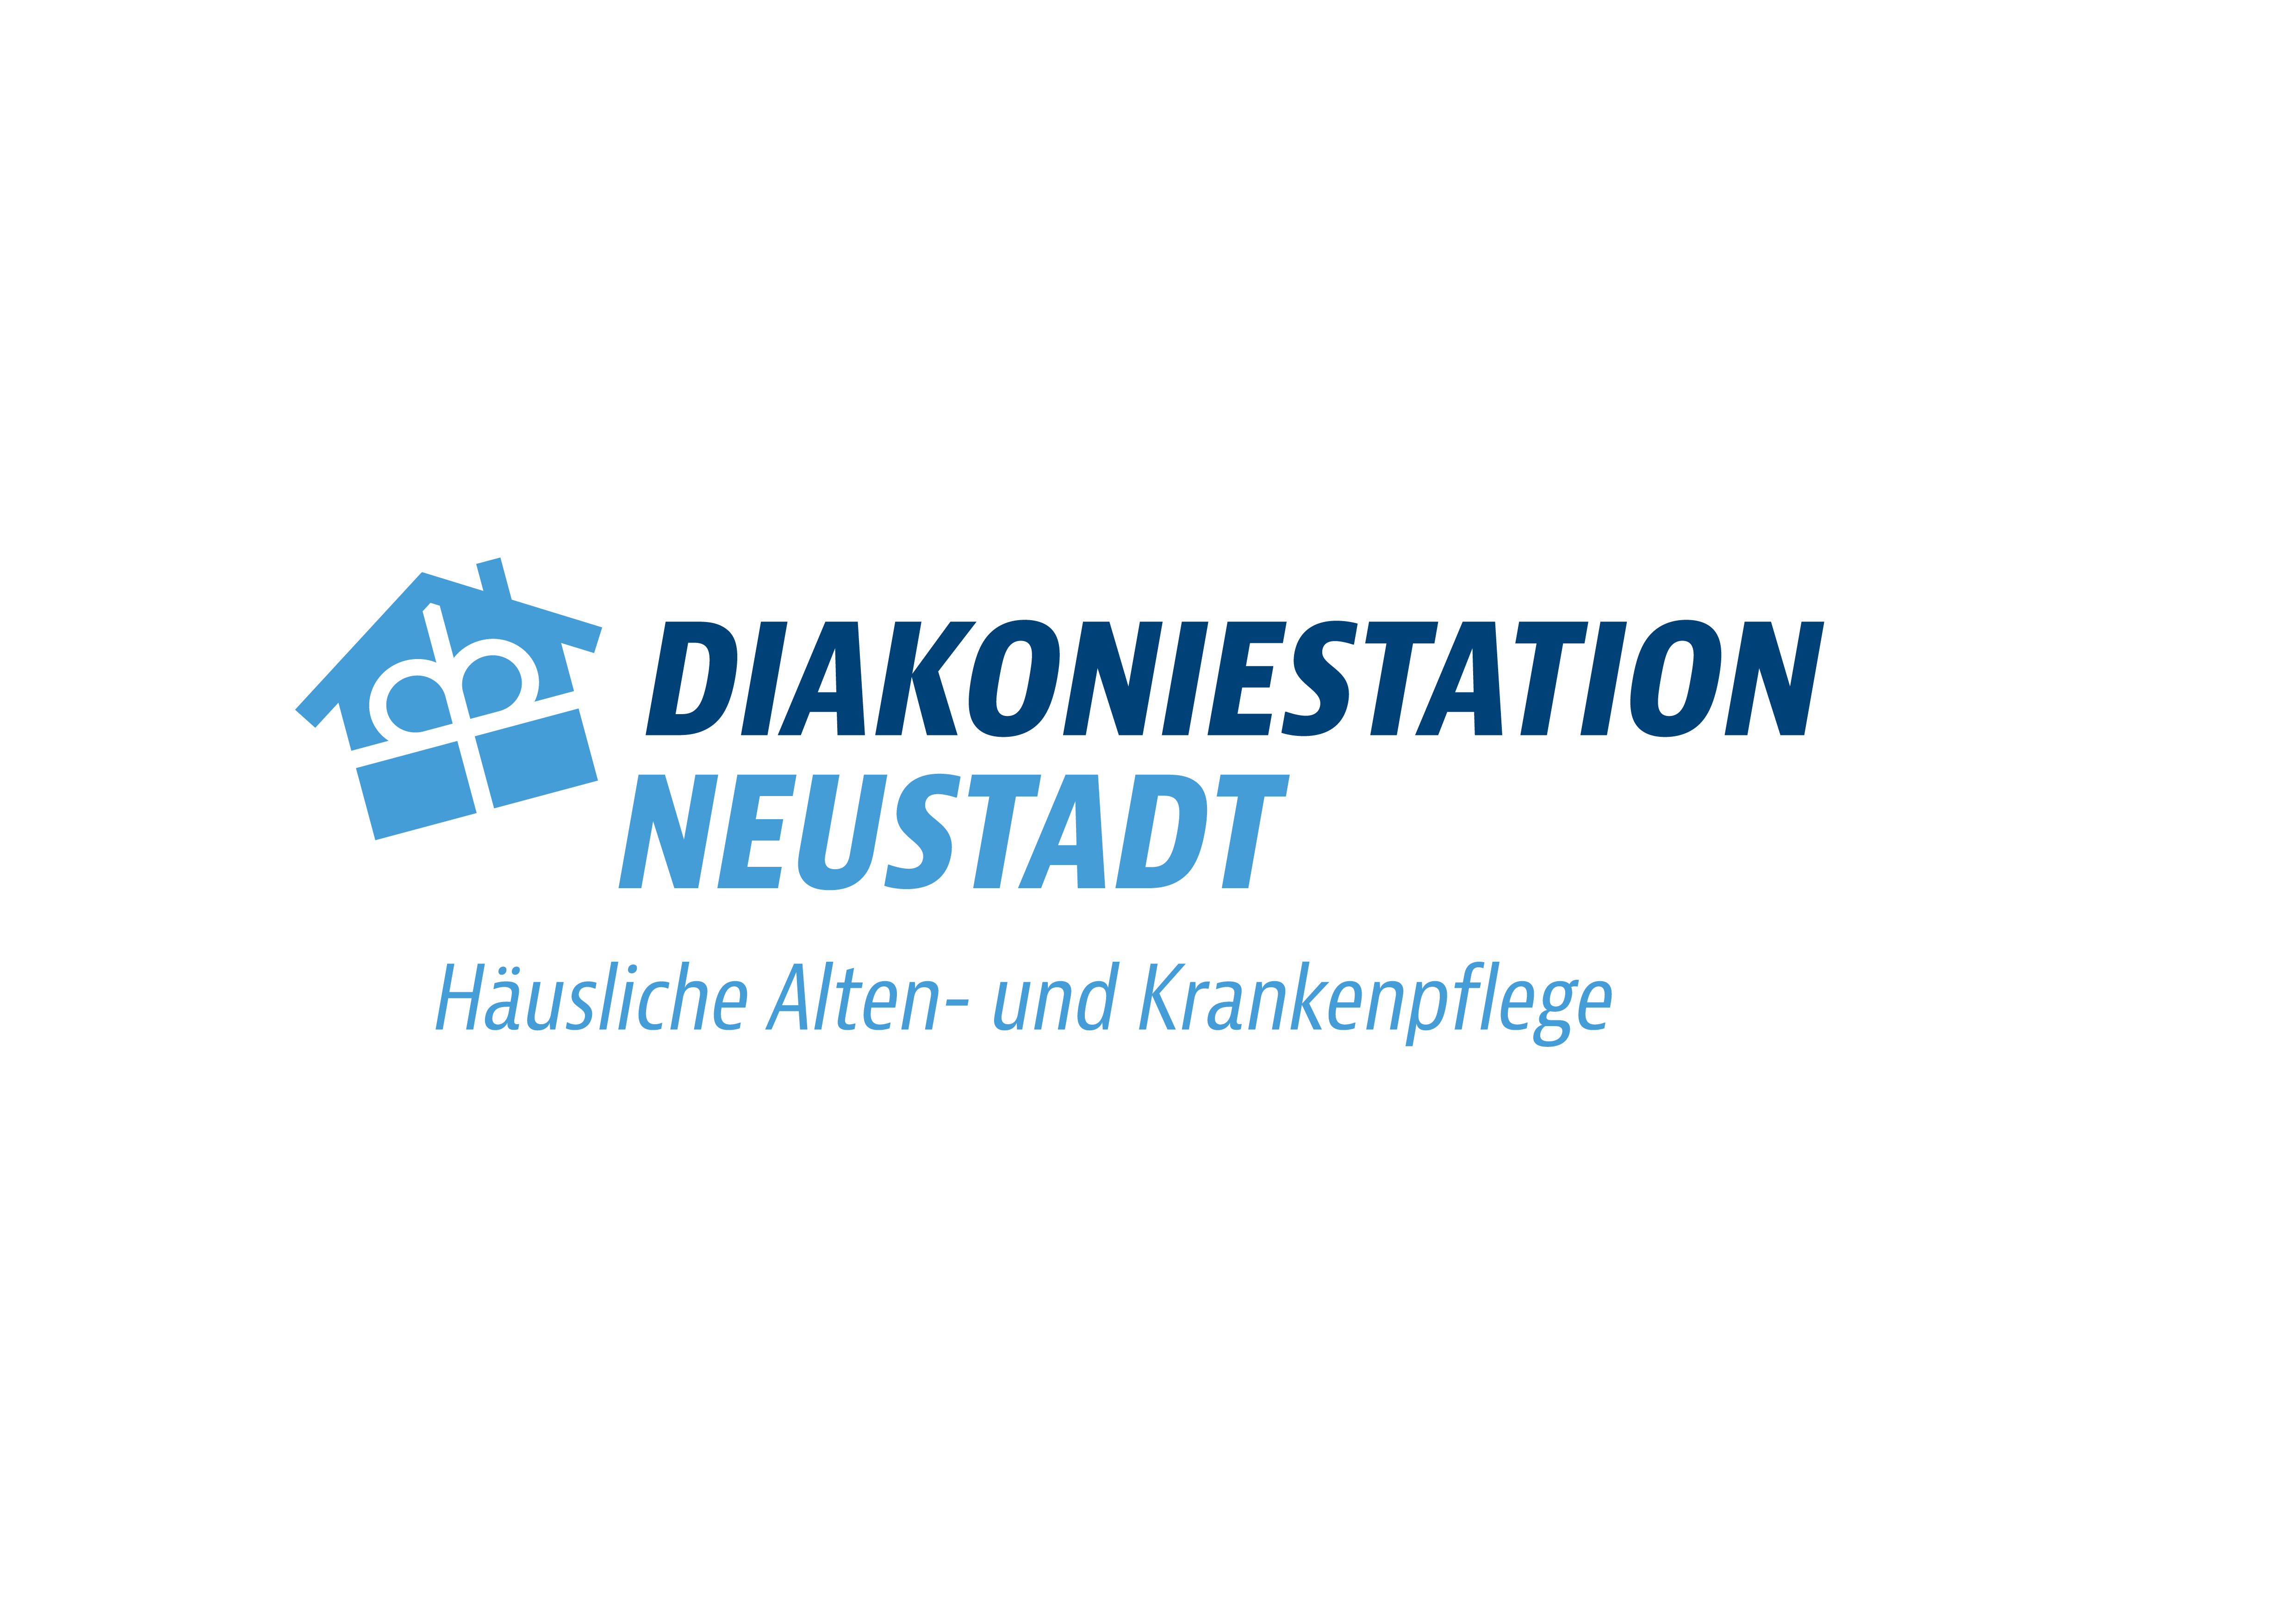 Diakoniestation Neustadt